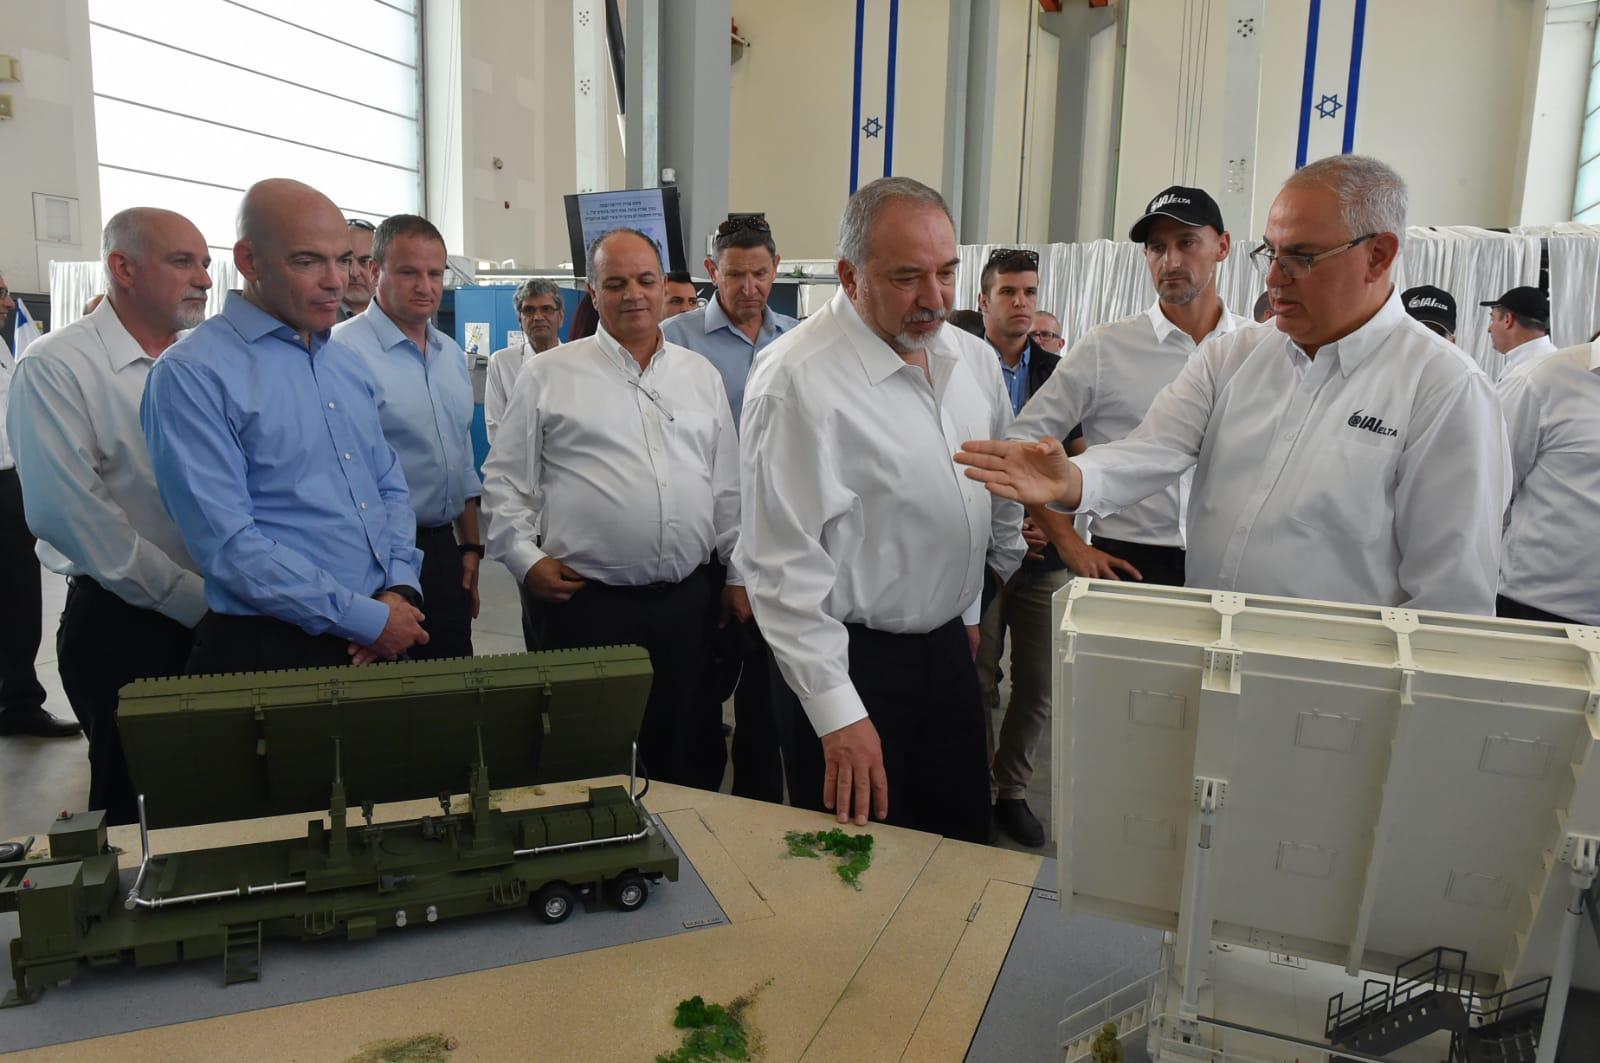 שר הביטחון ליברמן בביקור באלתא לפני כחודש. צילום: אריאל חרמוני, משרד הביטחון